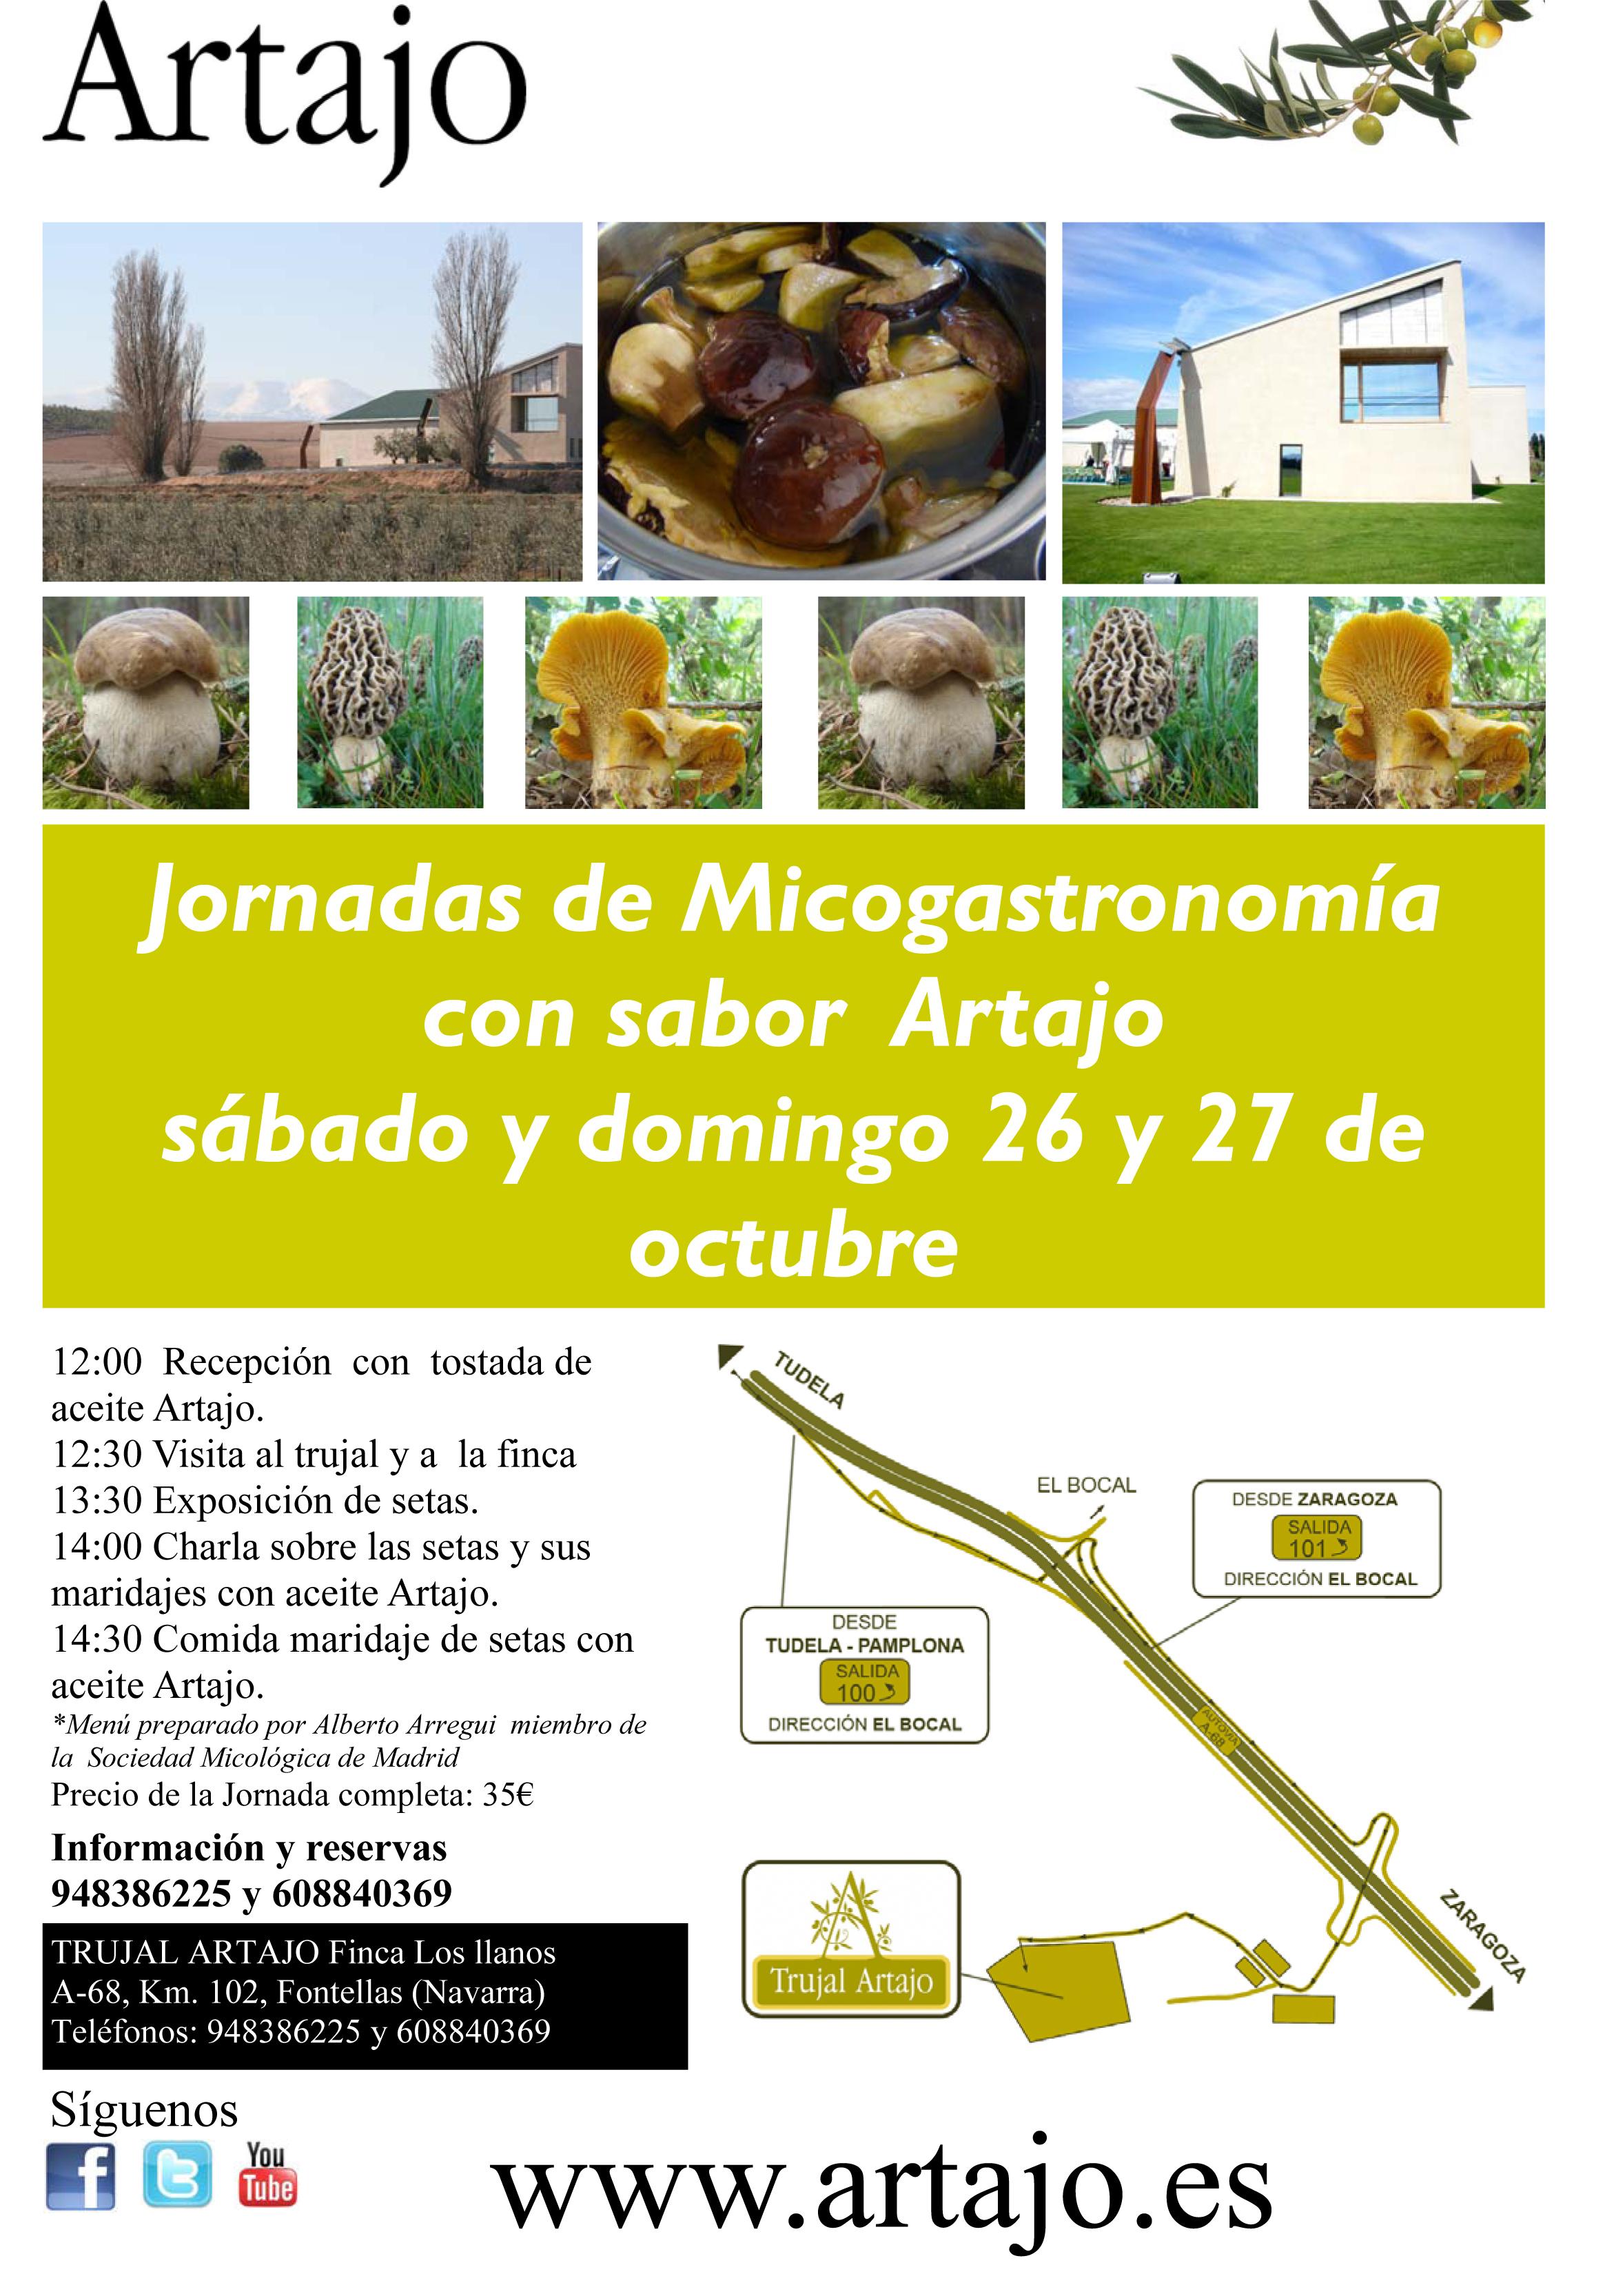 Jornadas de micogastronomía2013.pub